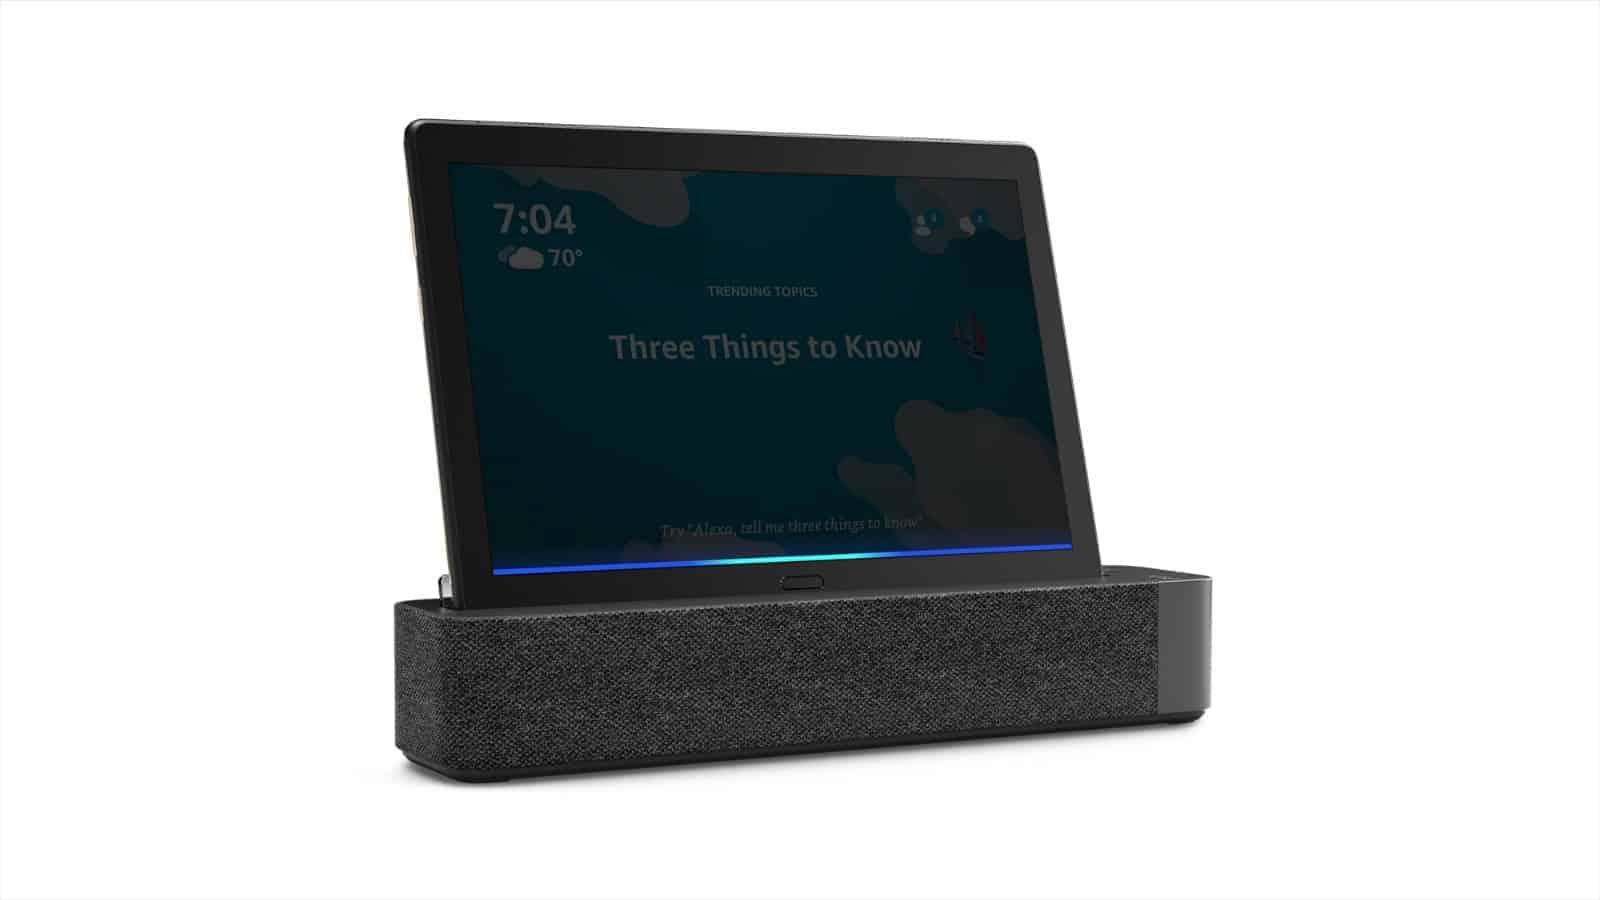 Lenovo Smart Tab P10 image 27